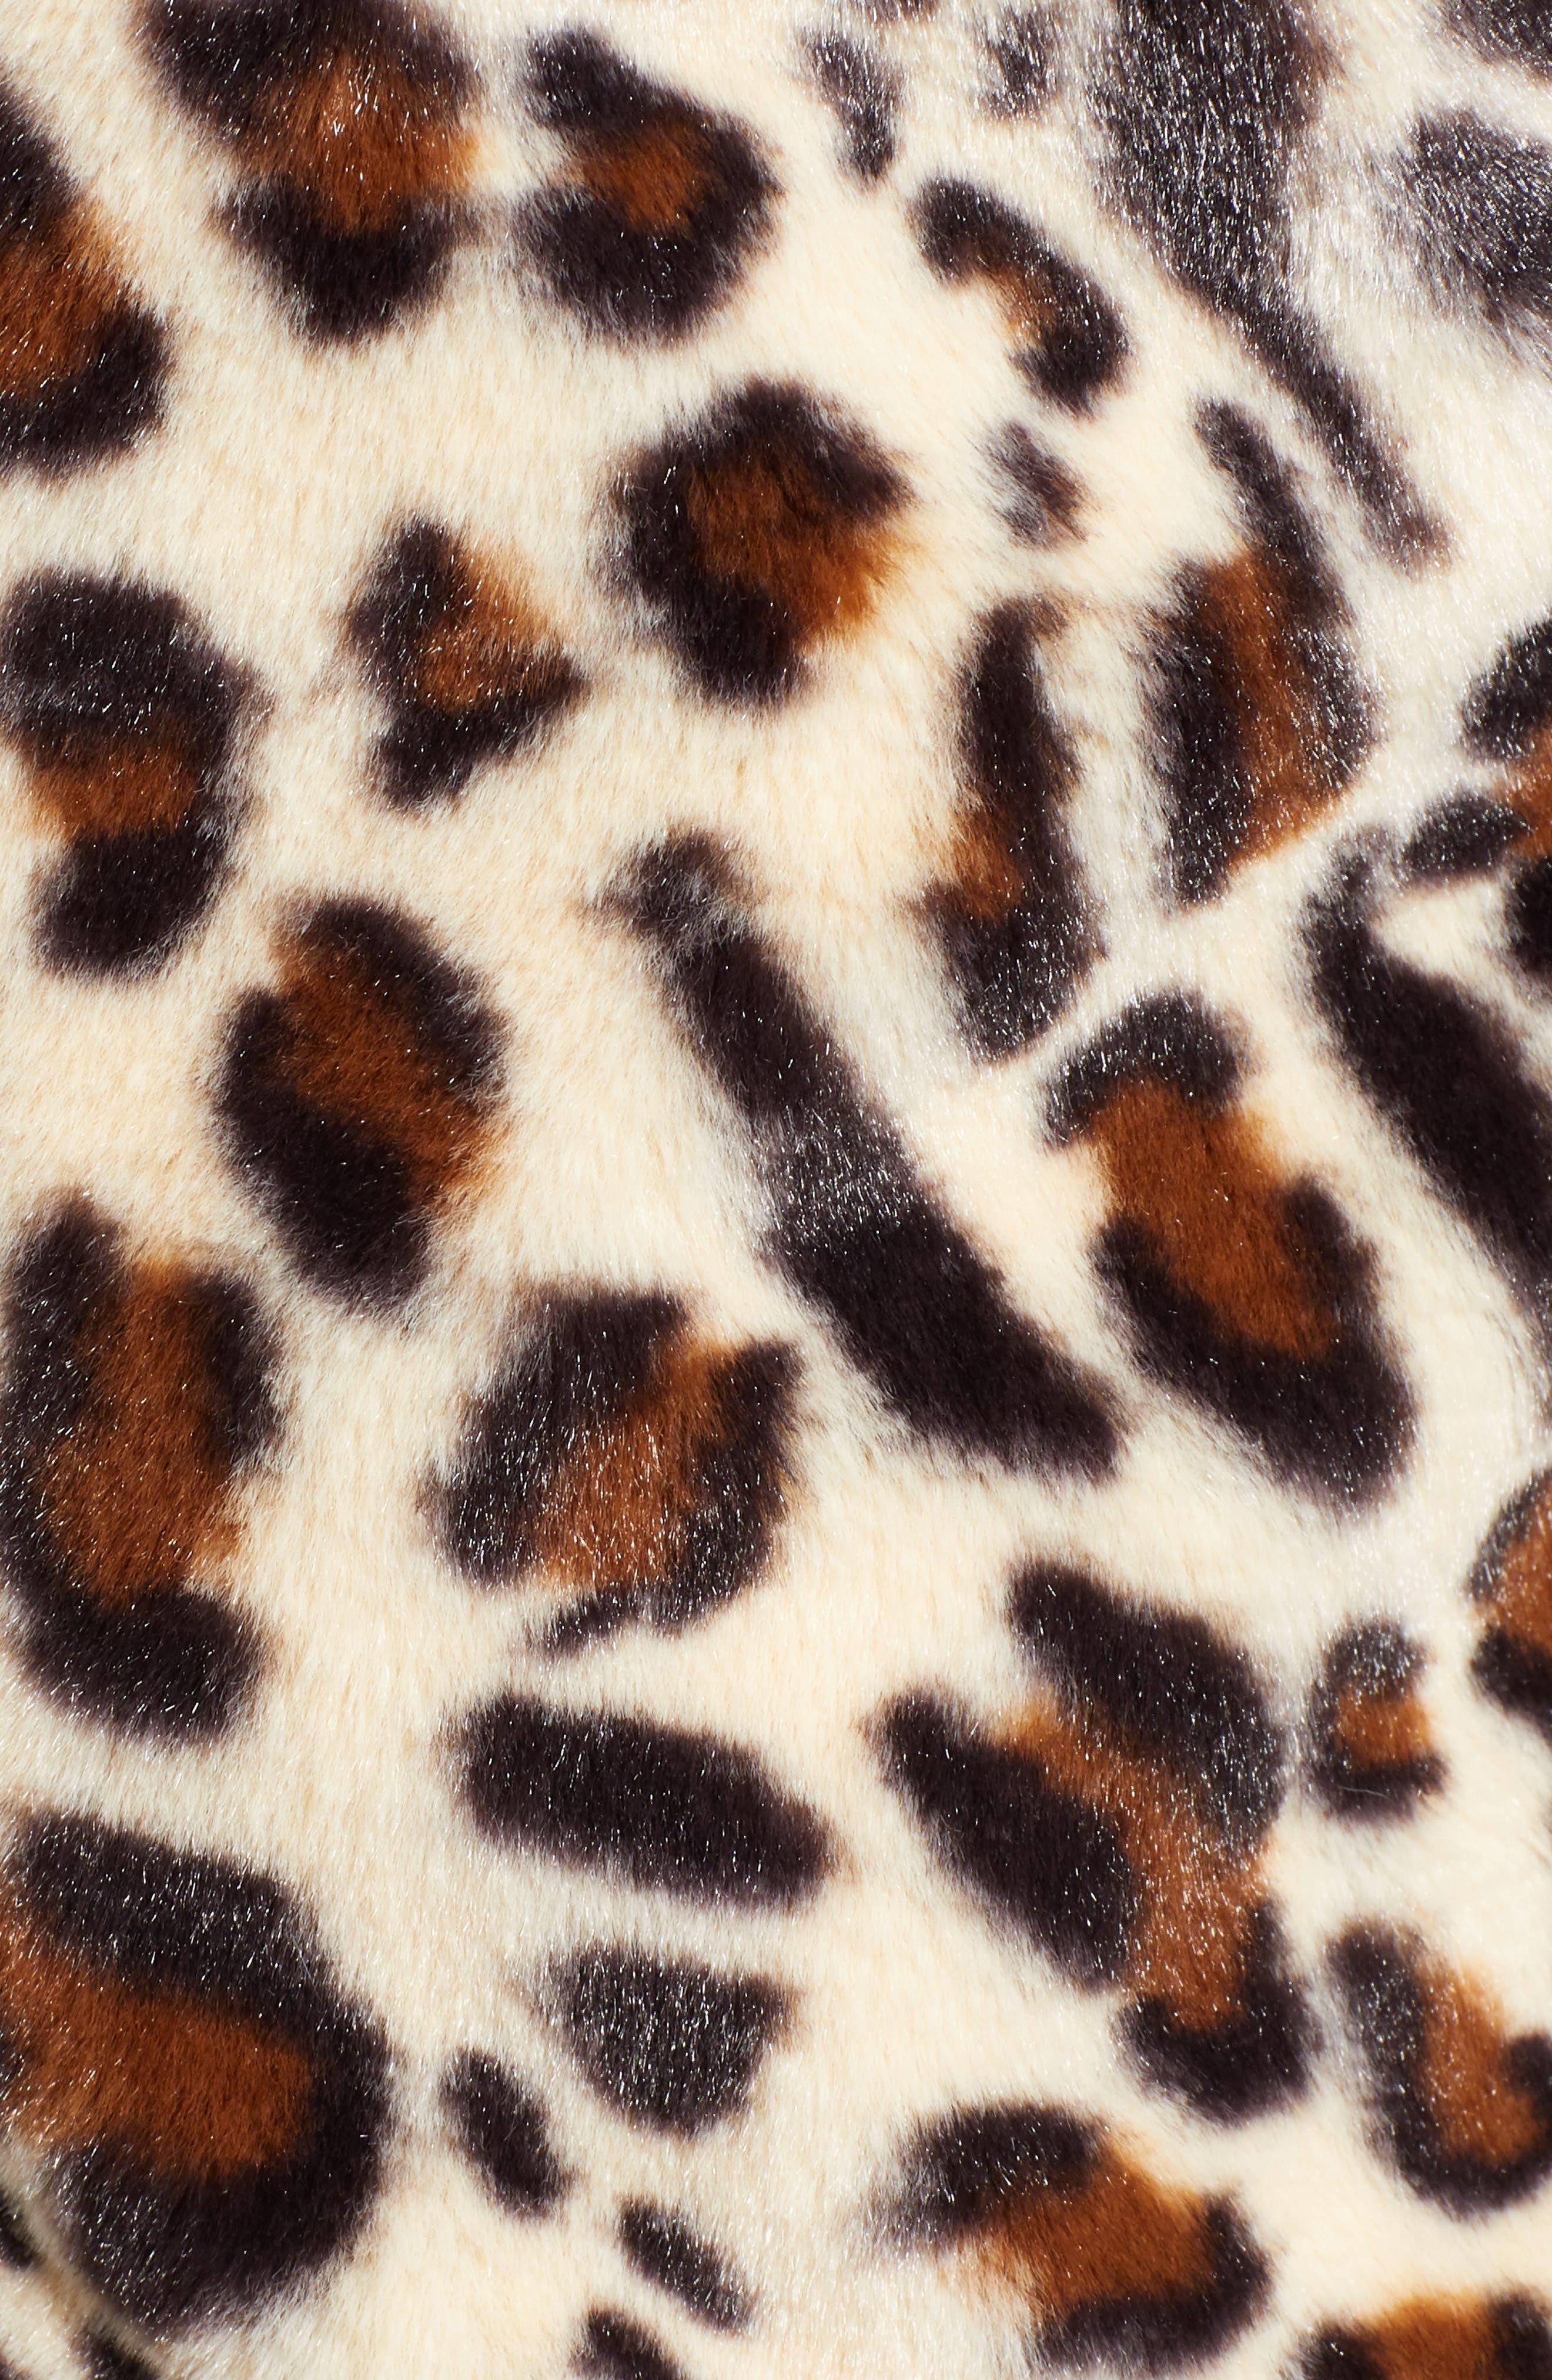 Mimi Faux Fur Jacket,                             Alternate thumbnail 7, color,                             LEOPARD